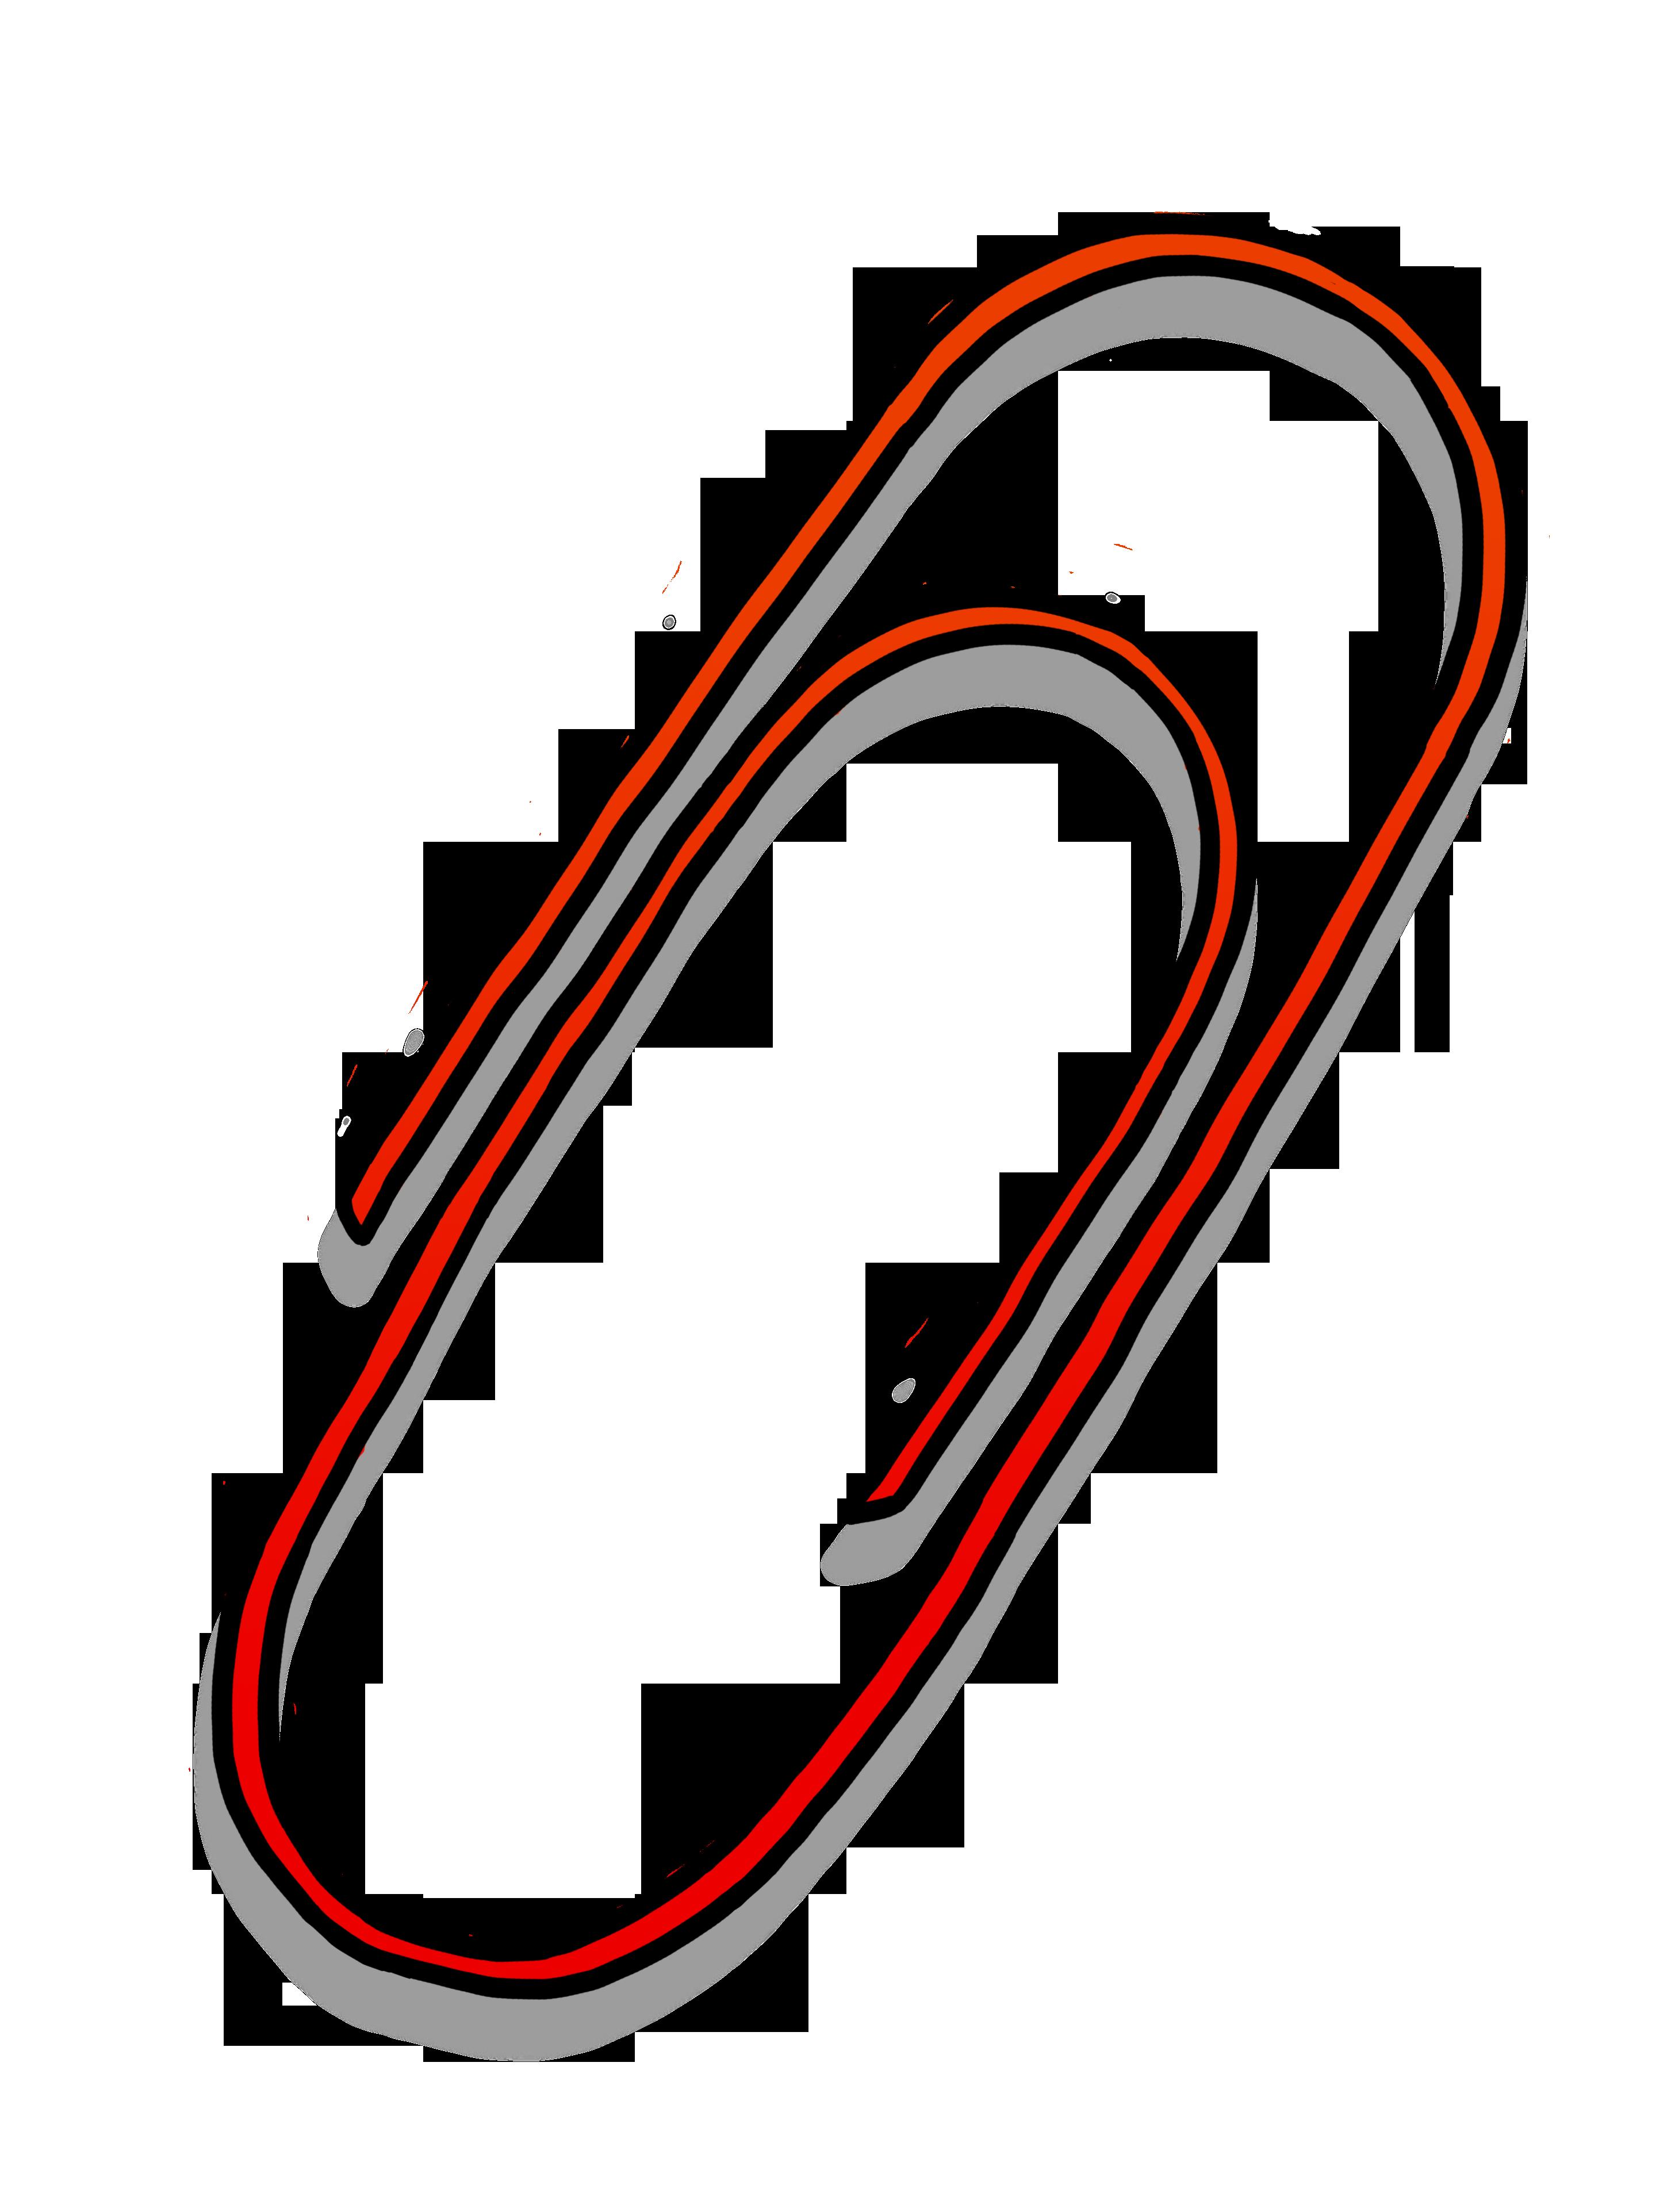 accelerator clipart-accelerator clipart-2